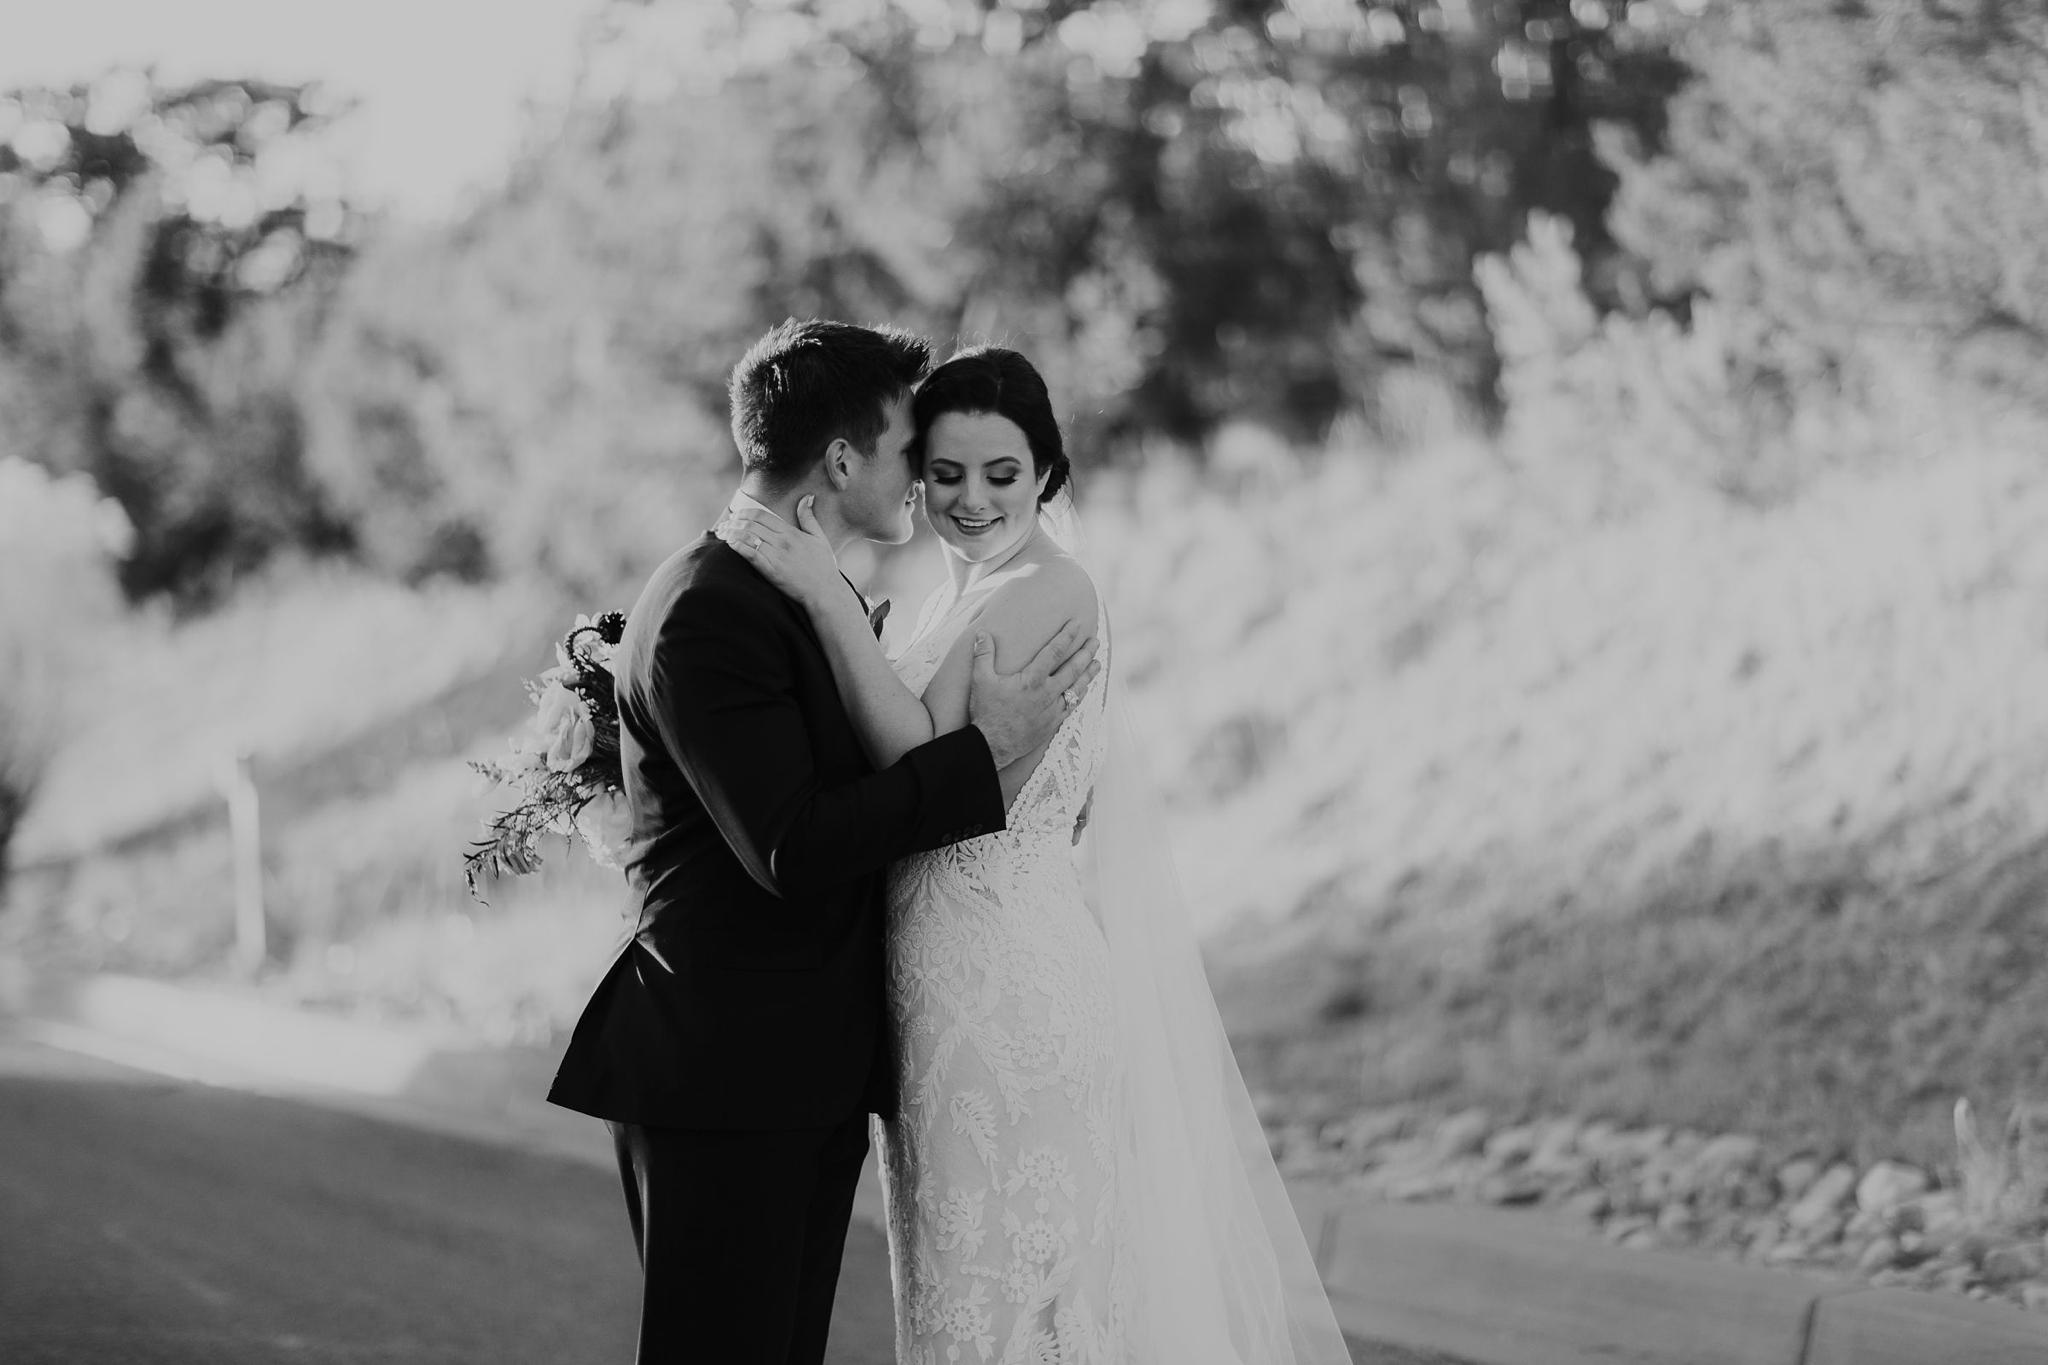 Alicia+lucia+photography+-+albuquerque+wedding+photographer+-+santa+fe+wedding+photography+-+new+mexico+wedding+photographer+-+new+mexico+wedding+-+santa+fe+wedding+-+four+seasons+wedding+-+winter+wedding_0086.jpg